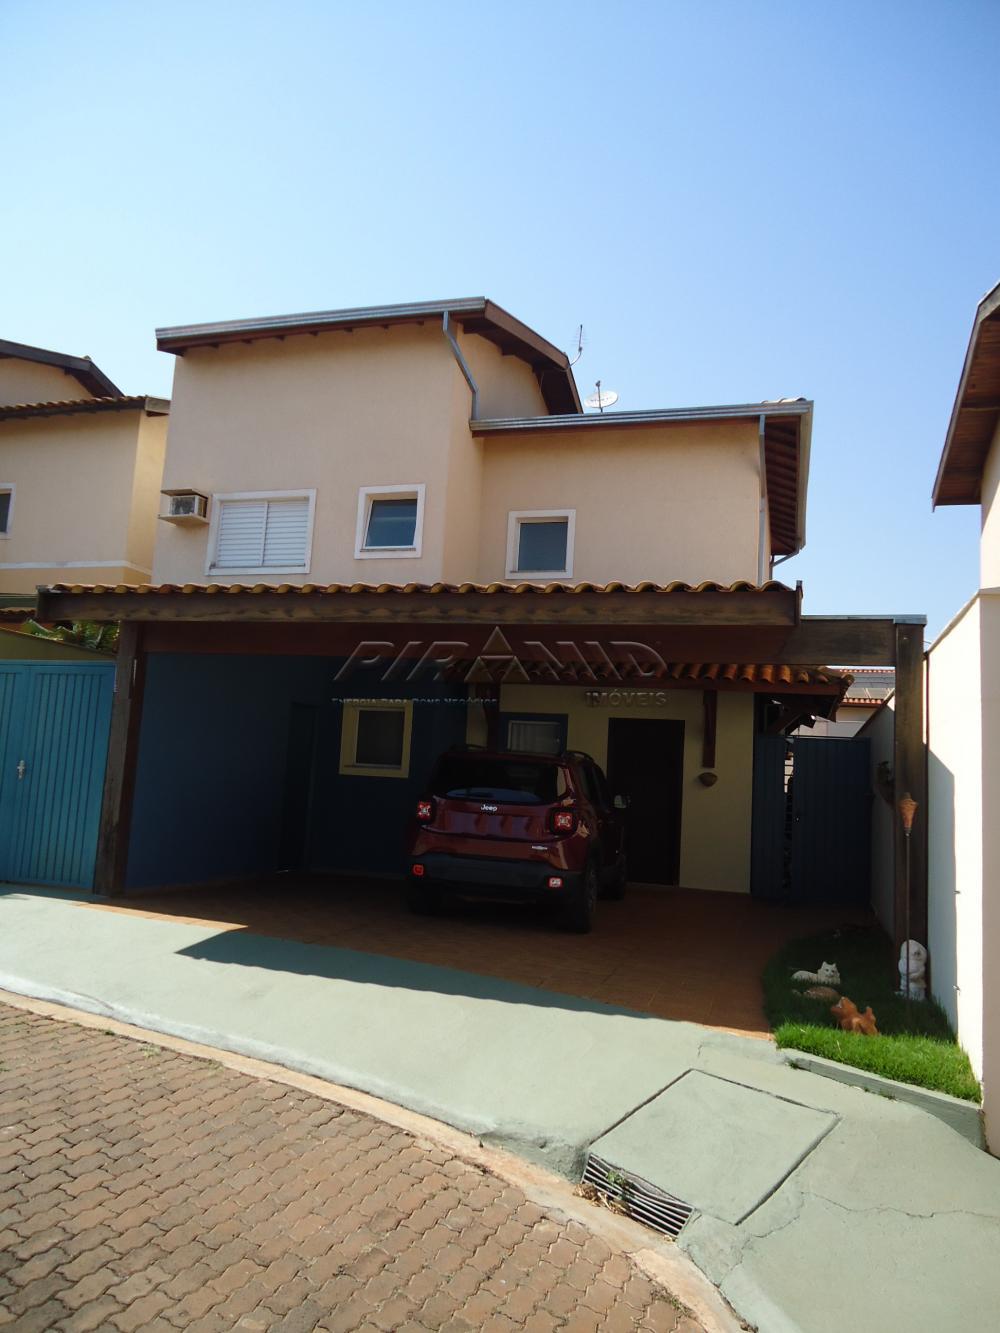 Comprar Casa / Condomínio em Ribeirão Preto apenas R$ 800.000,00 - Foto 2